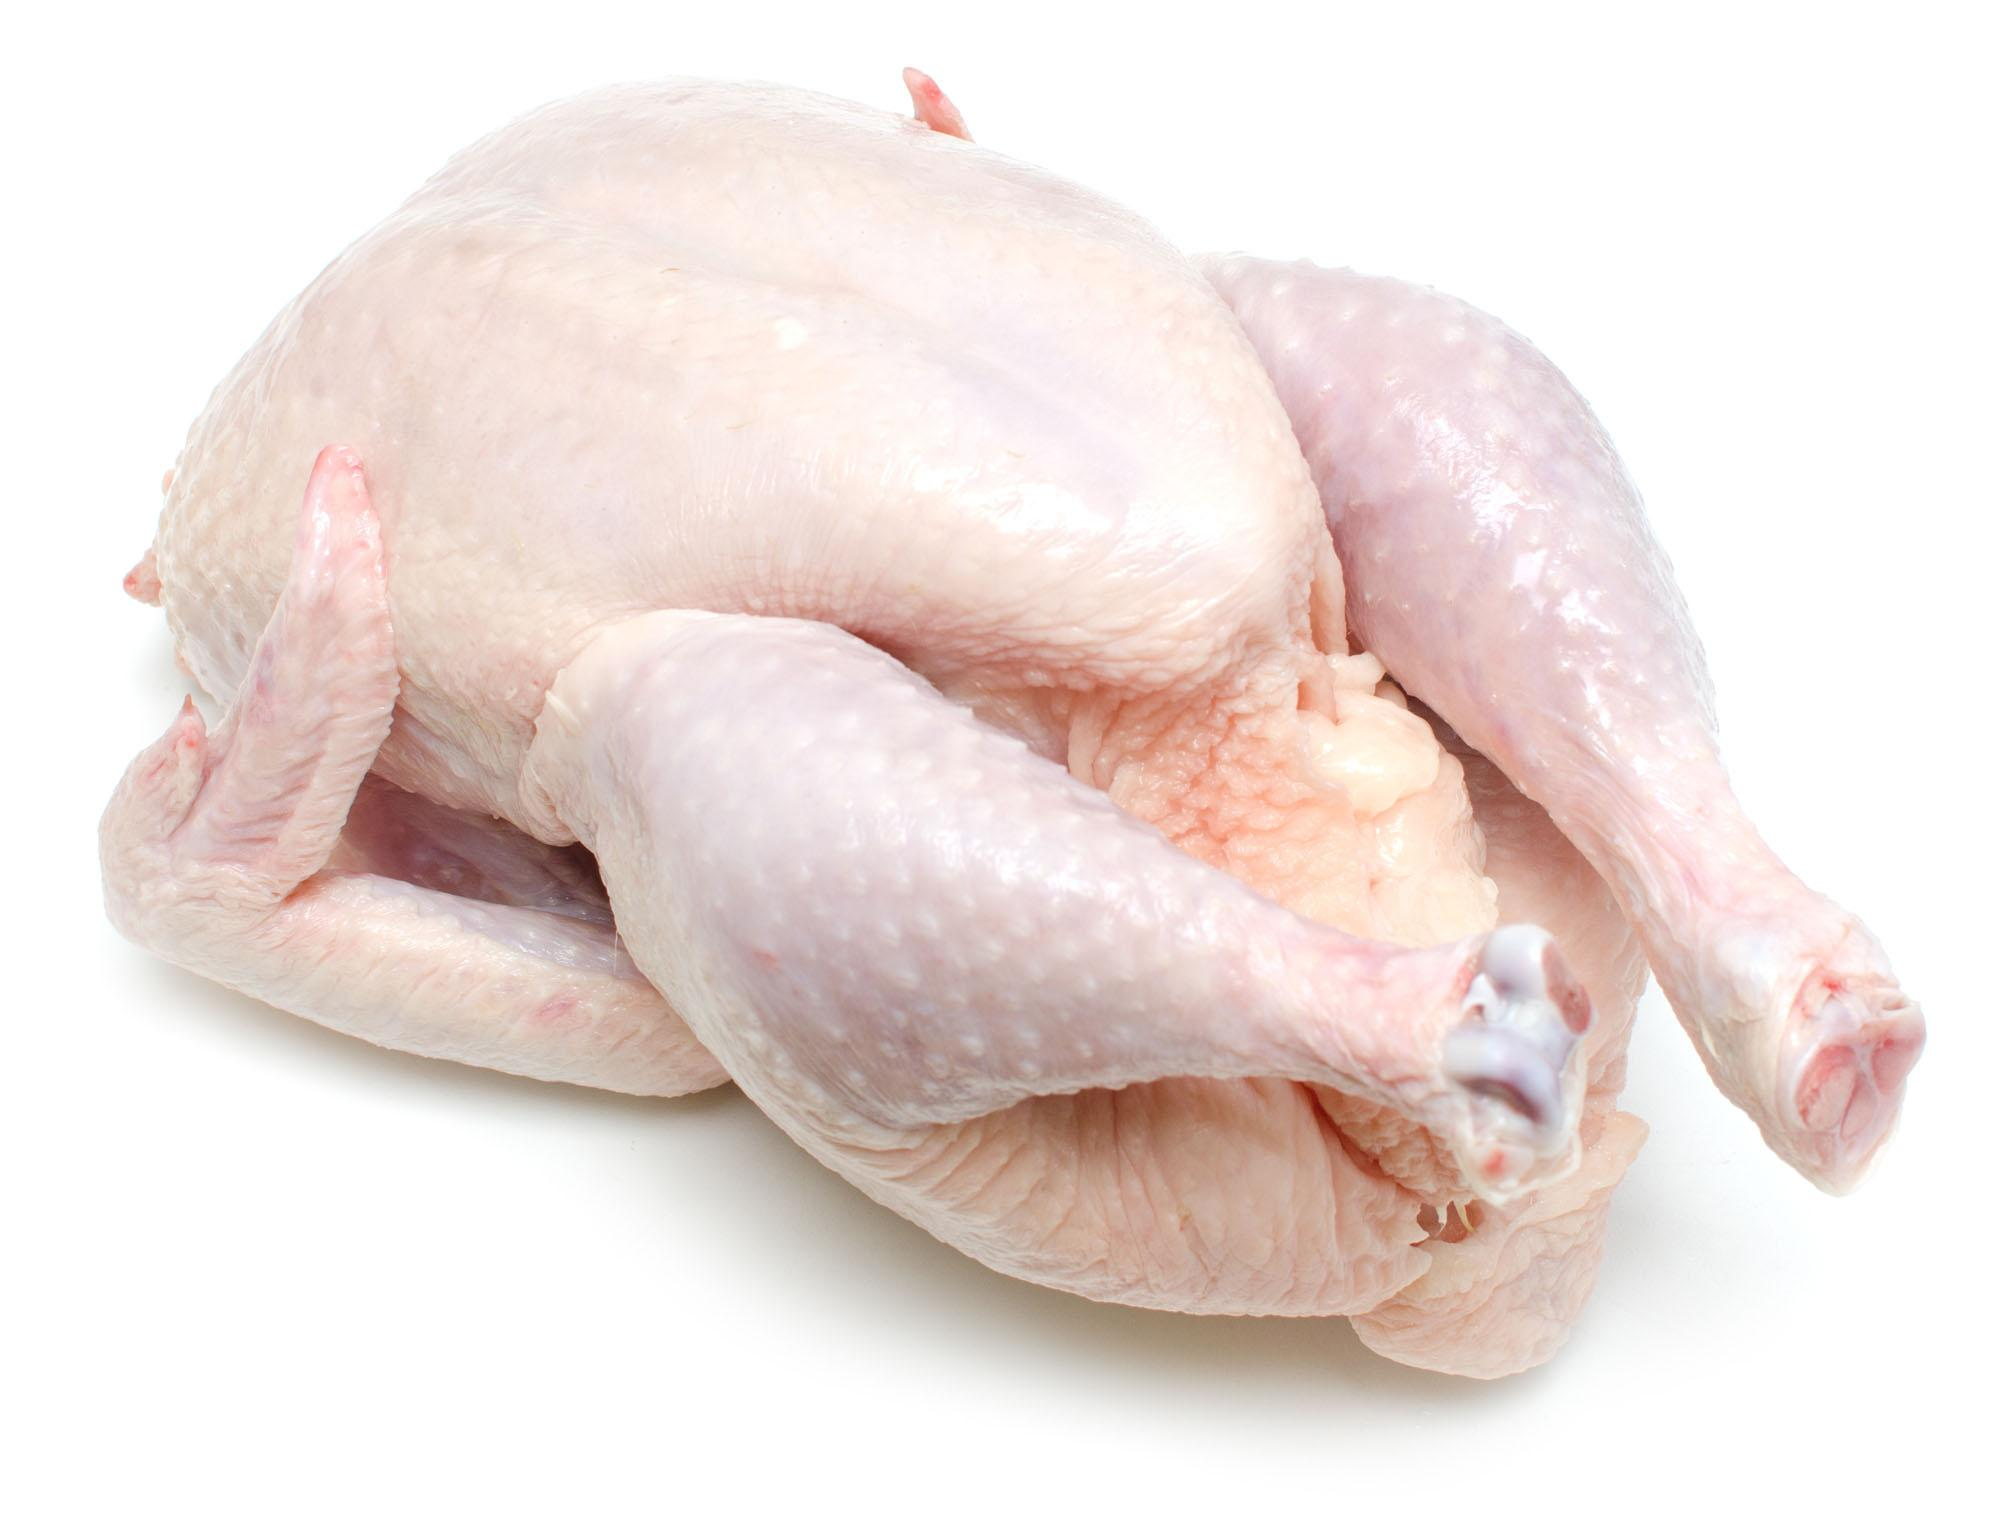 ΕΦΕΤ: Ανακλήση σε κοτόπουλο λόγω σαλμονέλας